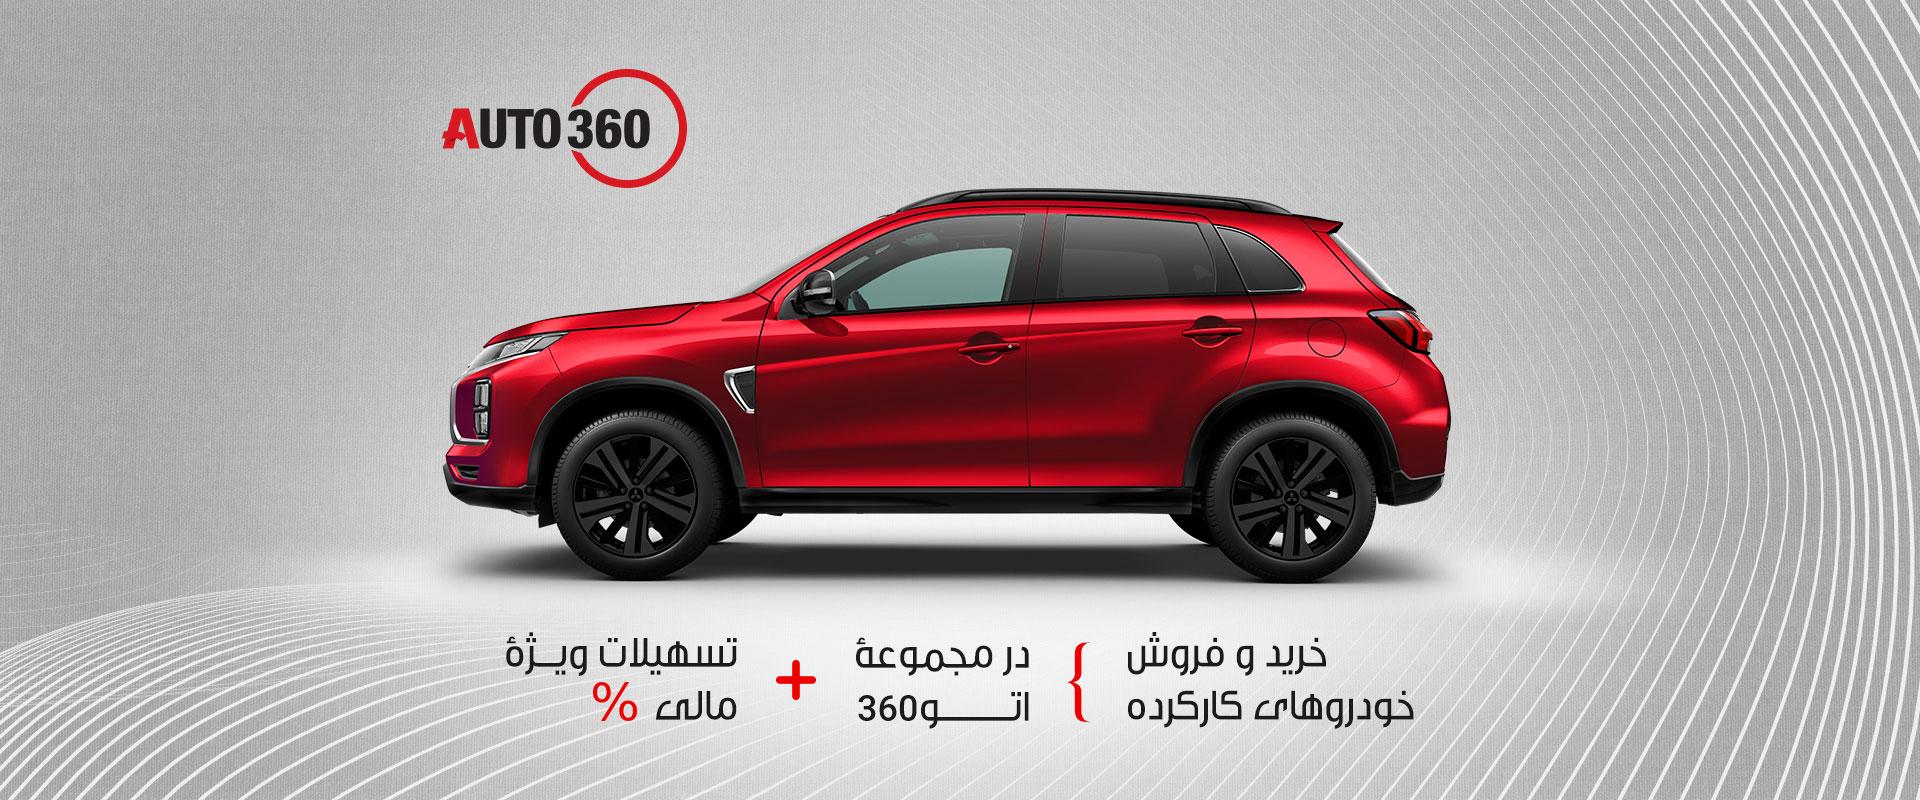 Auto360